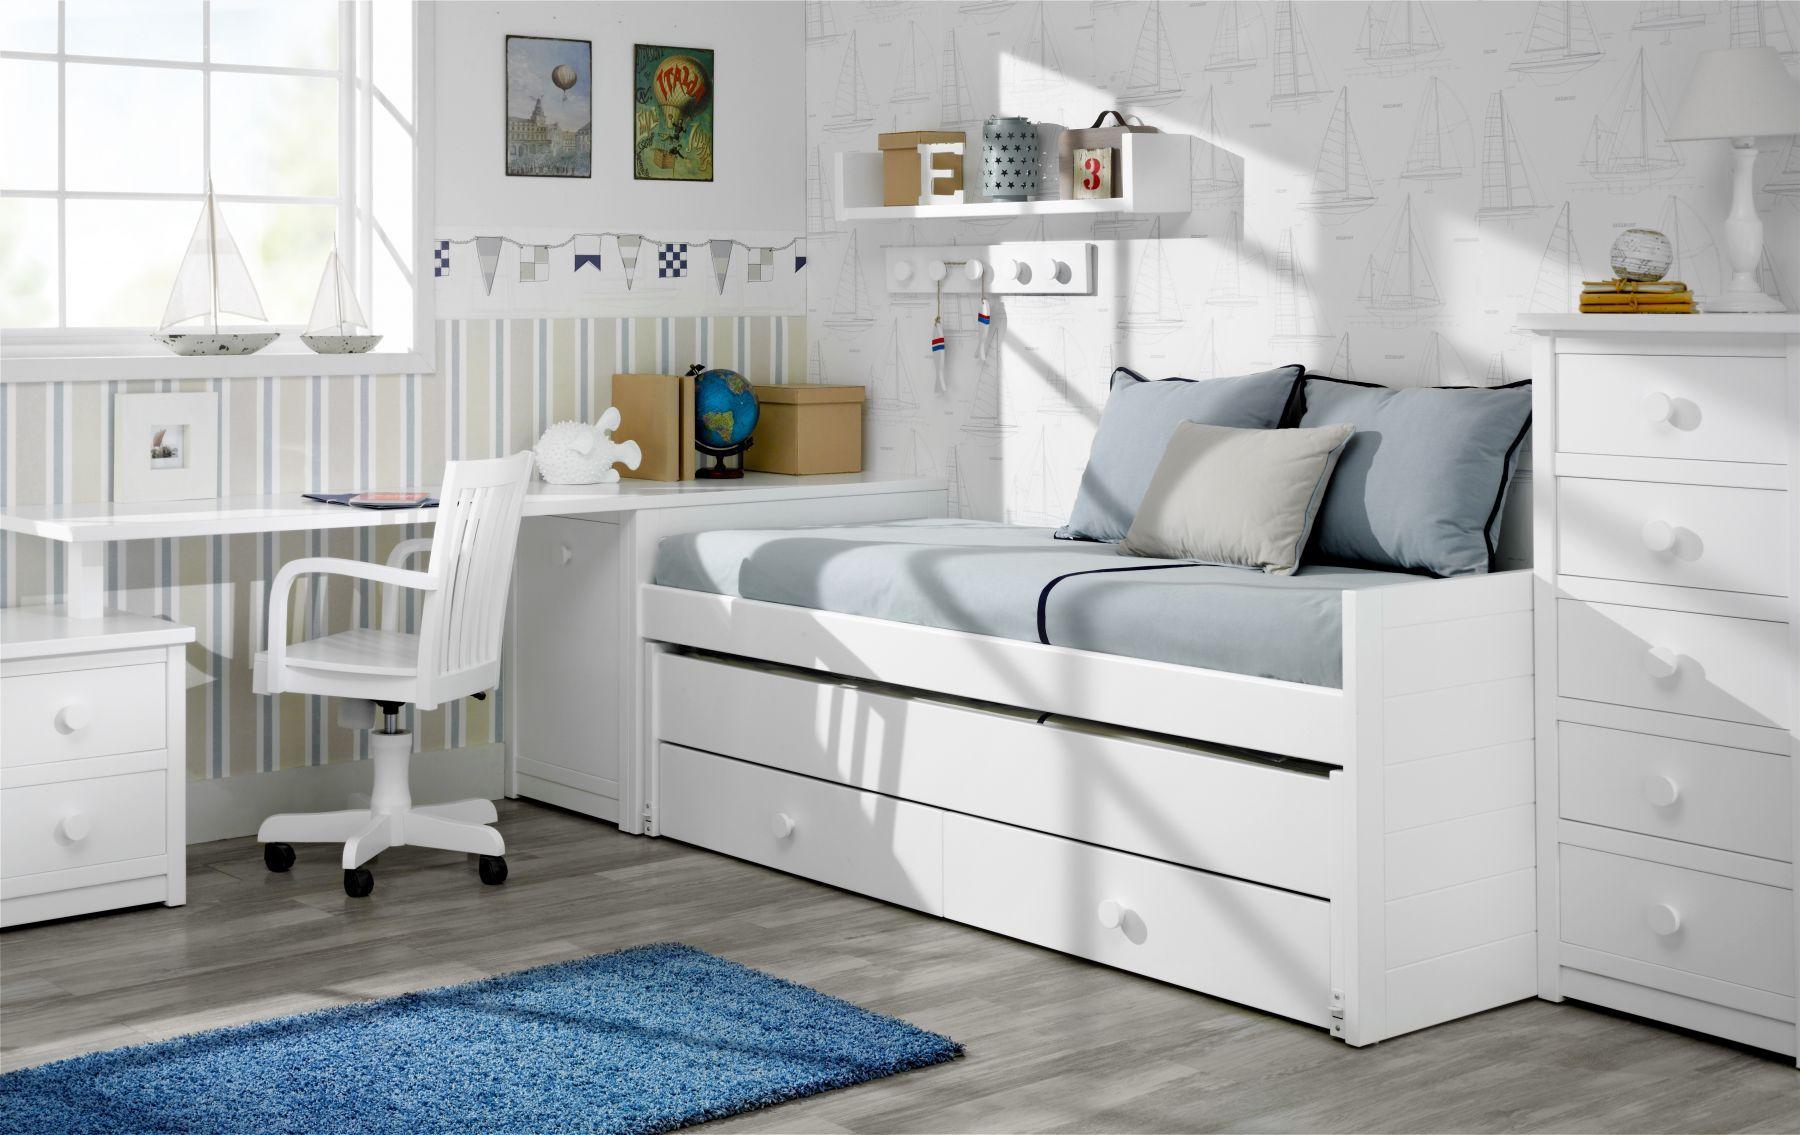 Muebles Garabatos - Garabatos Tiendas De Mobiliario Juvenil E Infantil Dormitorios [mjhdah]https://i.pinimg.com/originals/3a/e4/3f/3ae43ff2e6a30d8f7282243c430a55e0.jpg